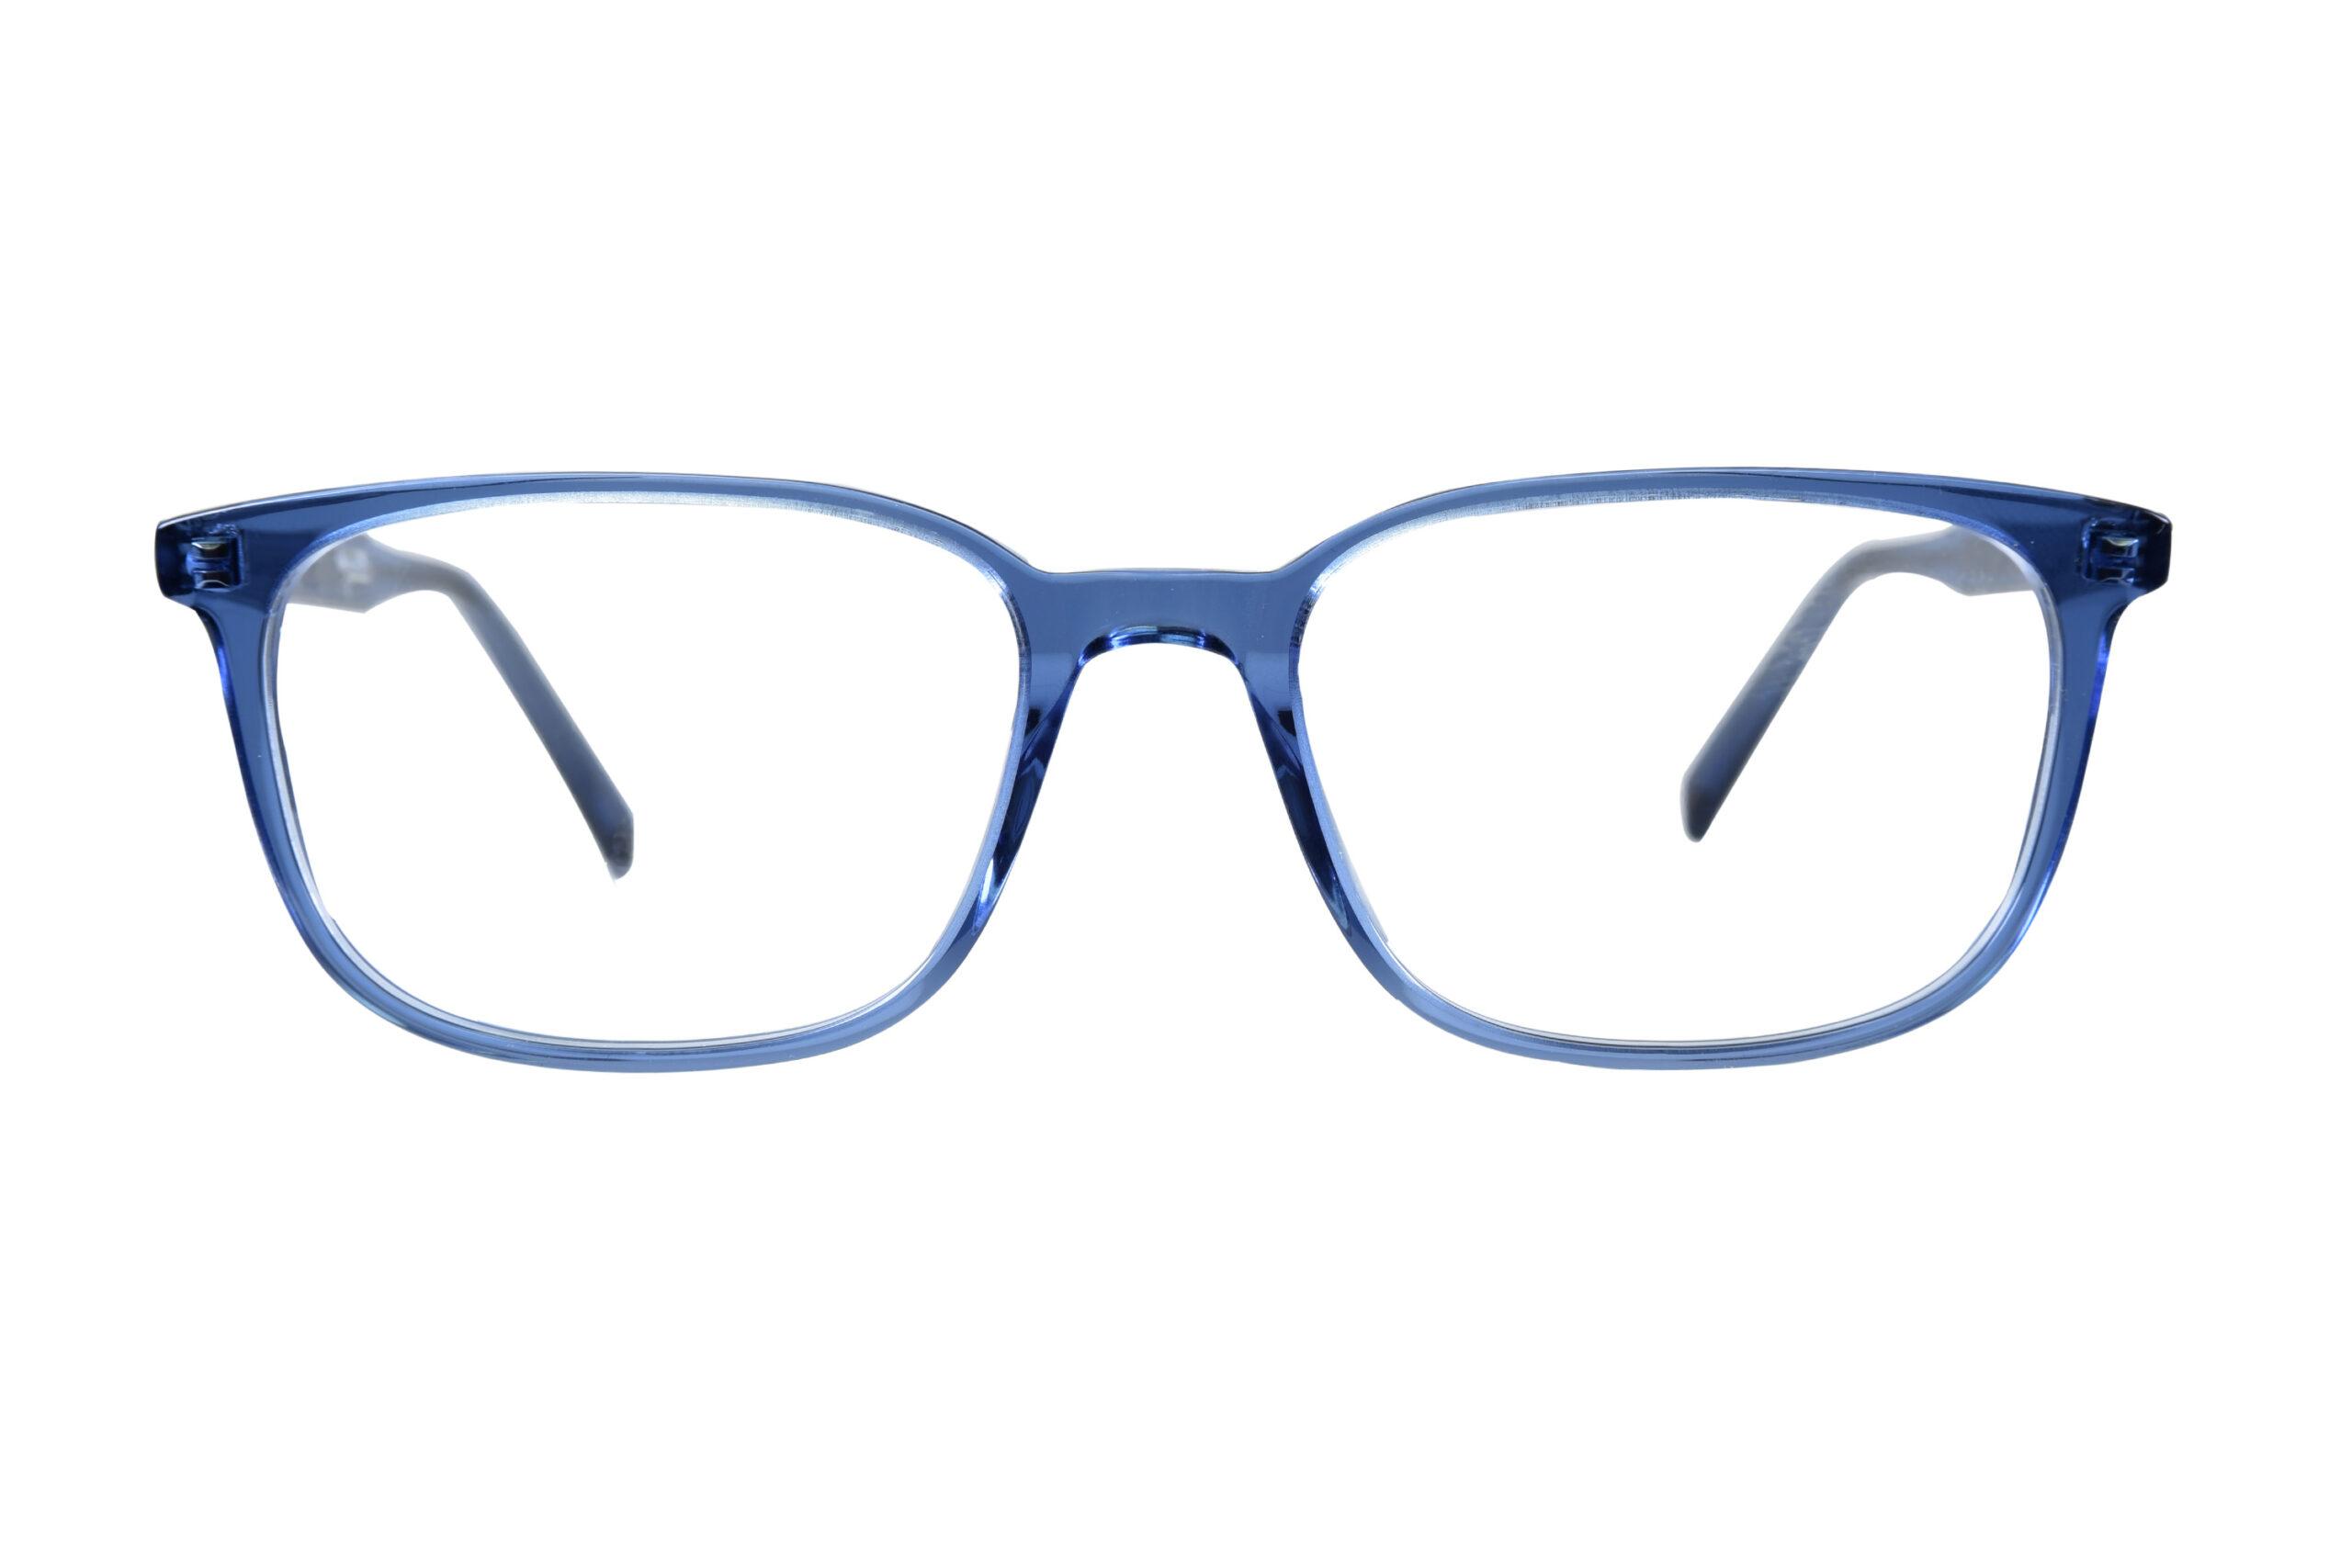 DL 155 c.8018 – Blue front